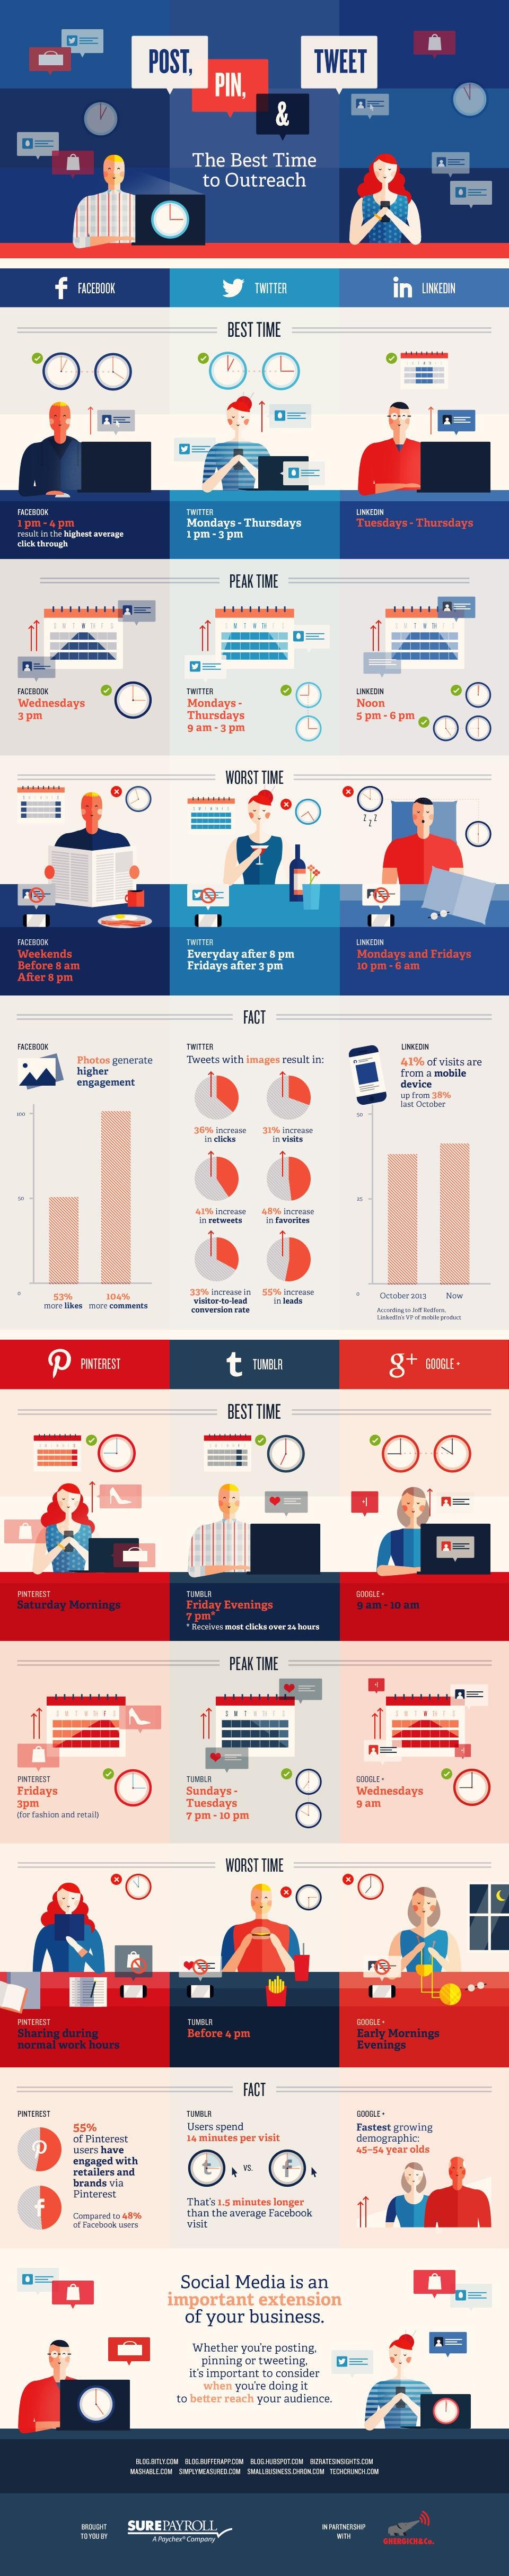 Cosas que deberías saber para tener éxito en las redes sociales #Infografía